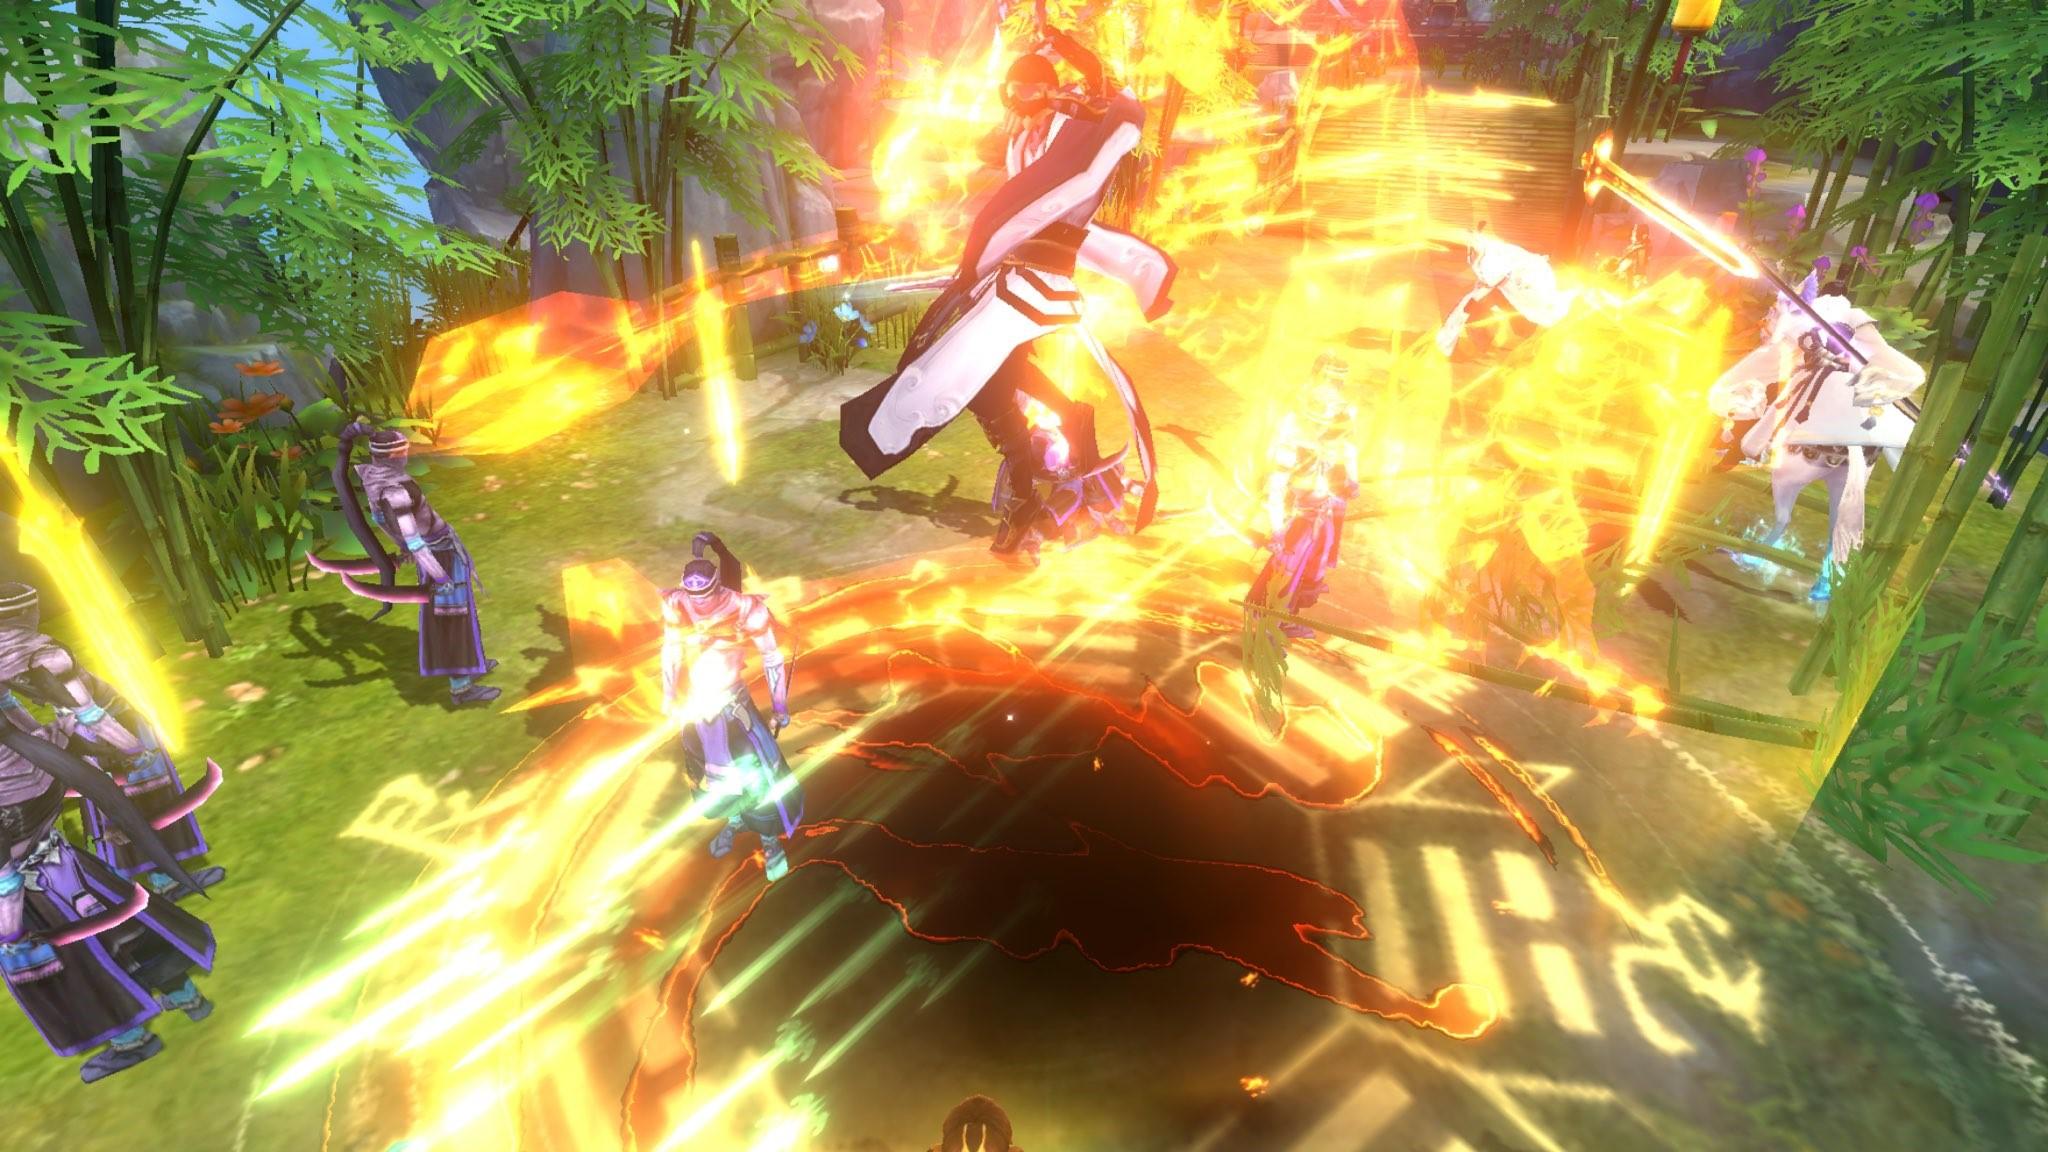 Ra mắt trang báo danh, gần 35000 game thủ Kiếm Ca VNG nhanh tay nhận VIP Code 2 triệu đồng